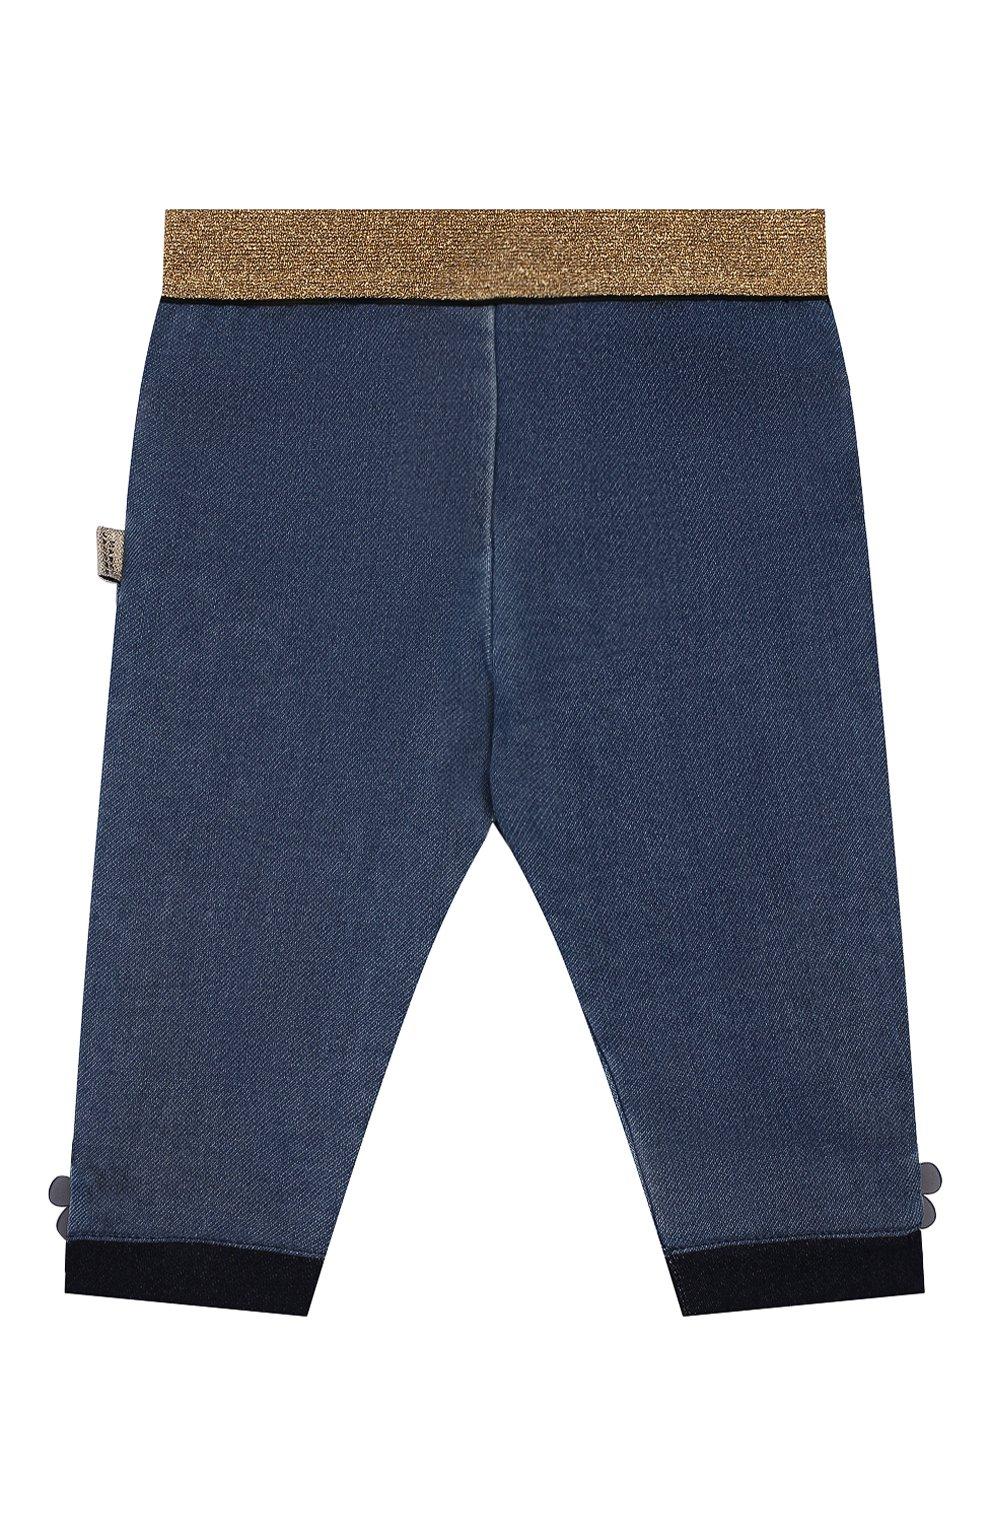 Детские джинсы с эластичным поясом MARC JACOBS (THE) голубого цвета, арт. W04173 | Фото 2